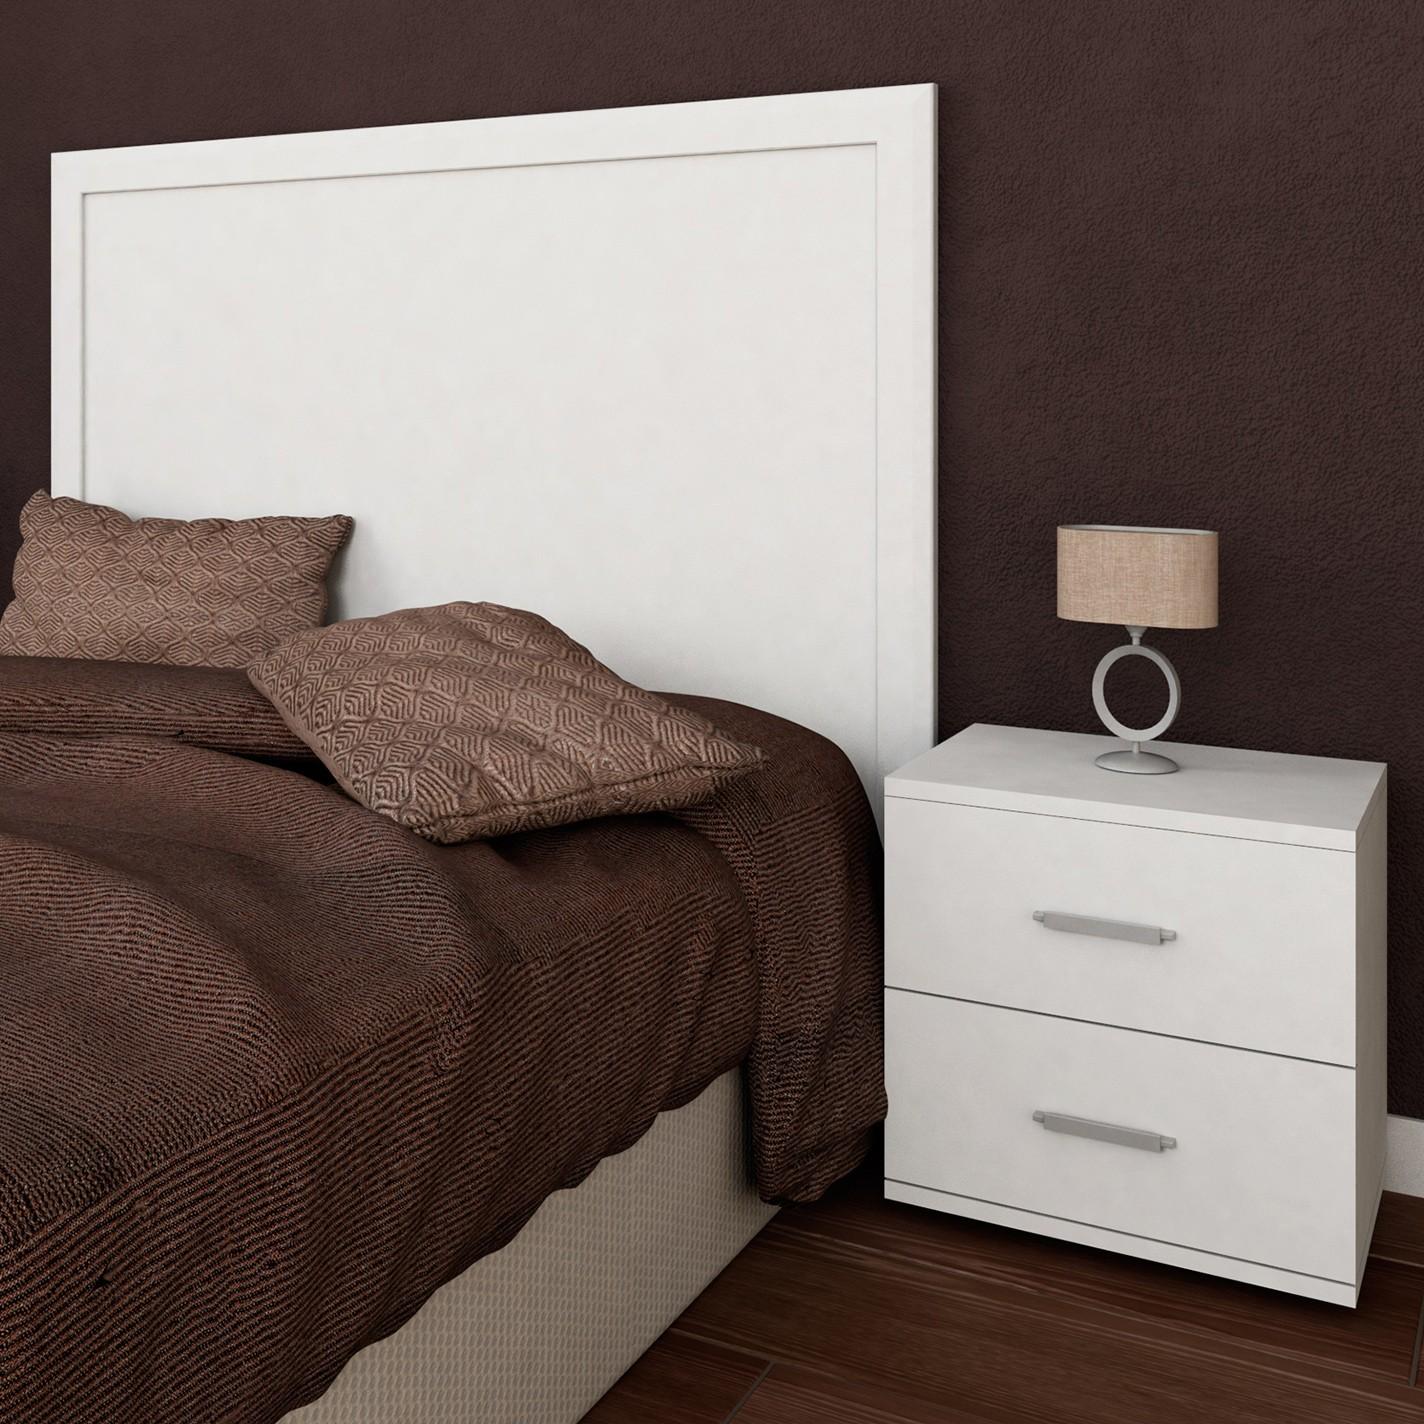 Pack de muebles para dormitorio individual LOOK II